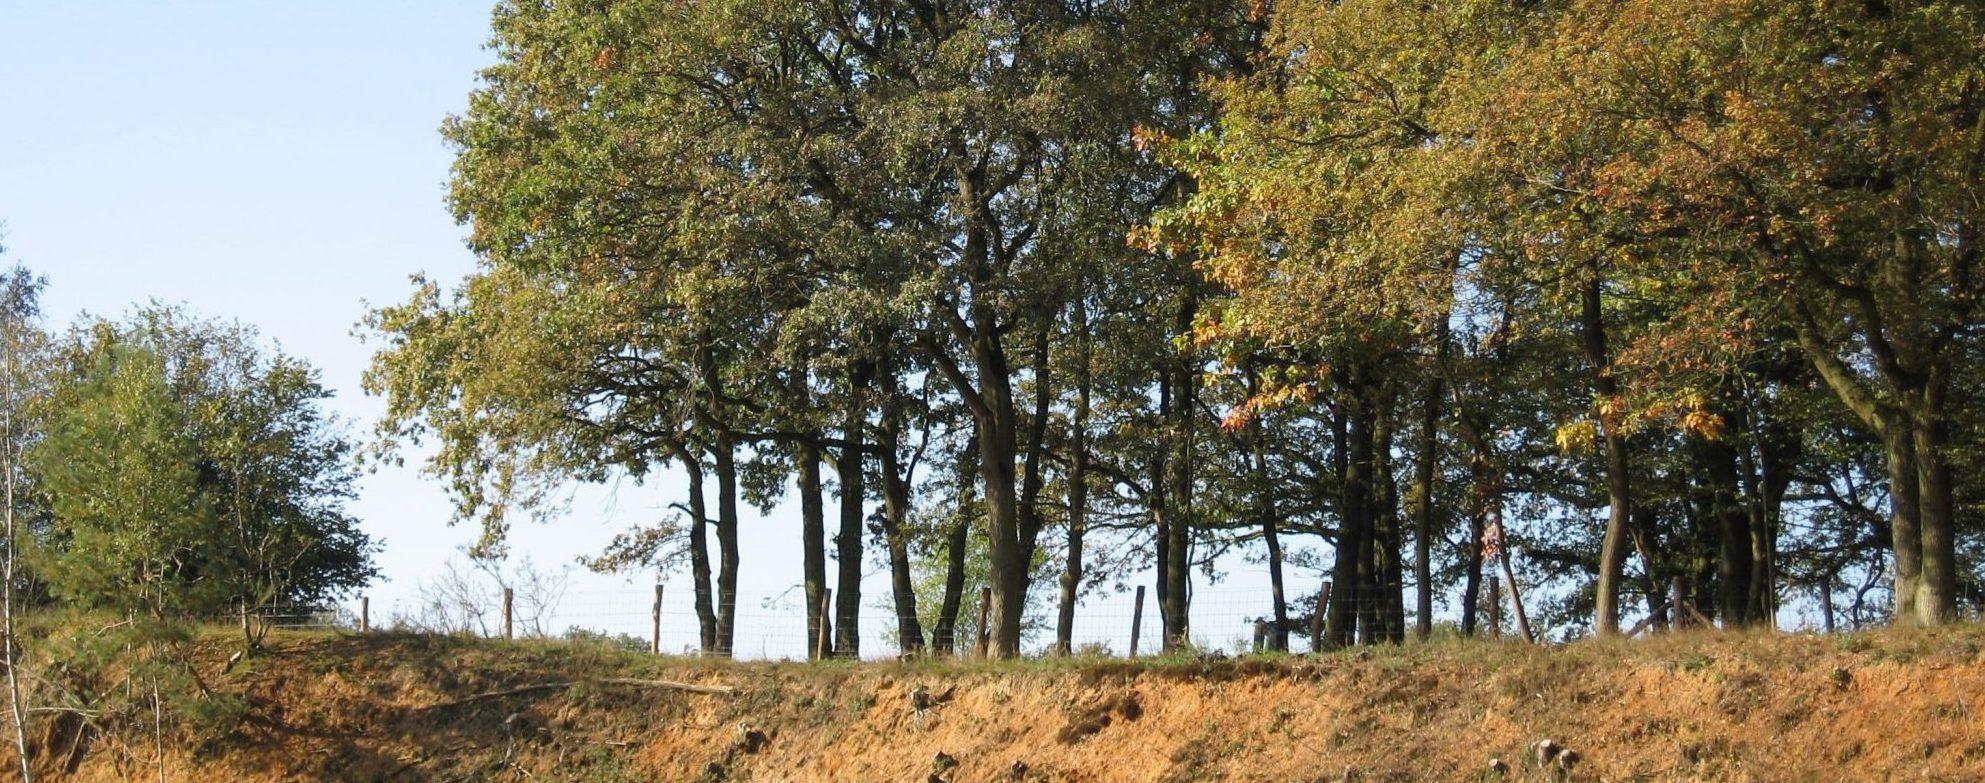 Bomen - Bos